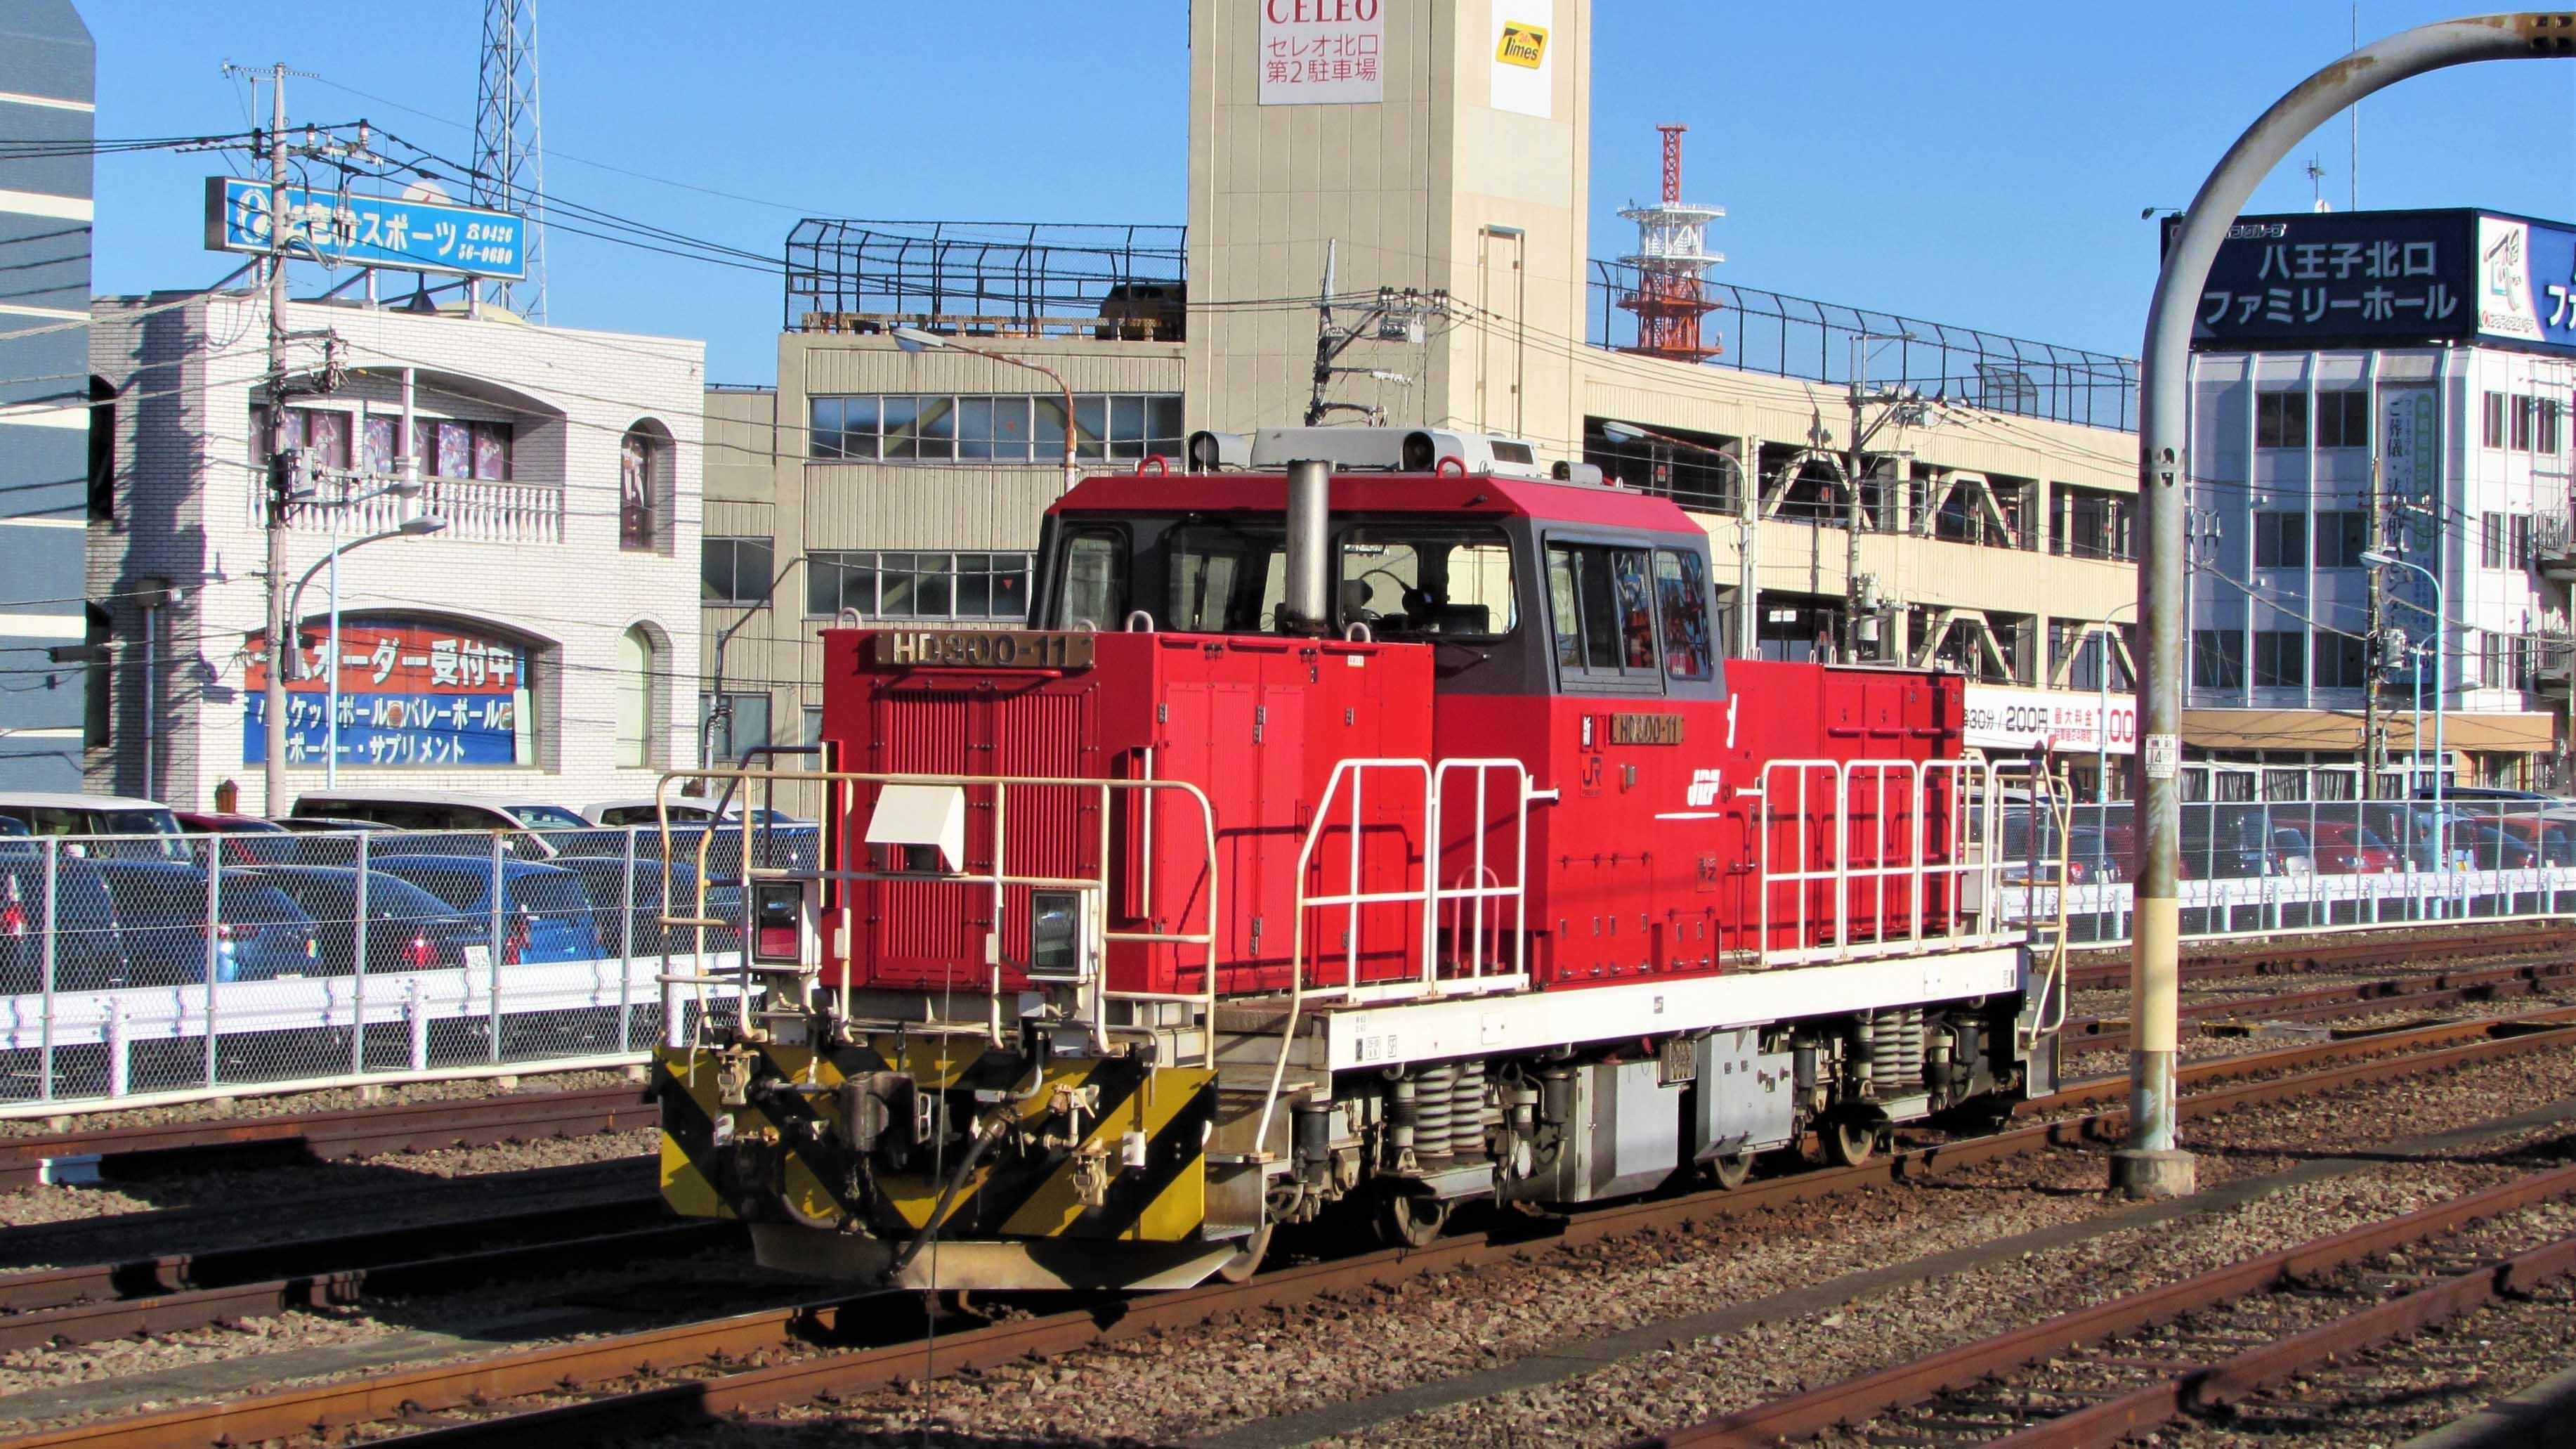 JR Freight Class HD300 Hachioji